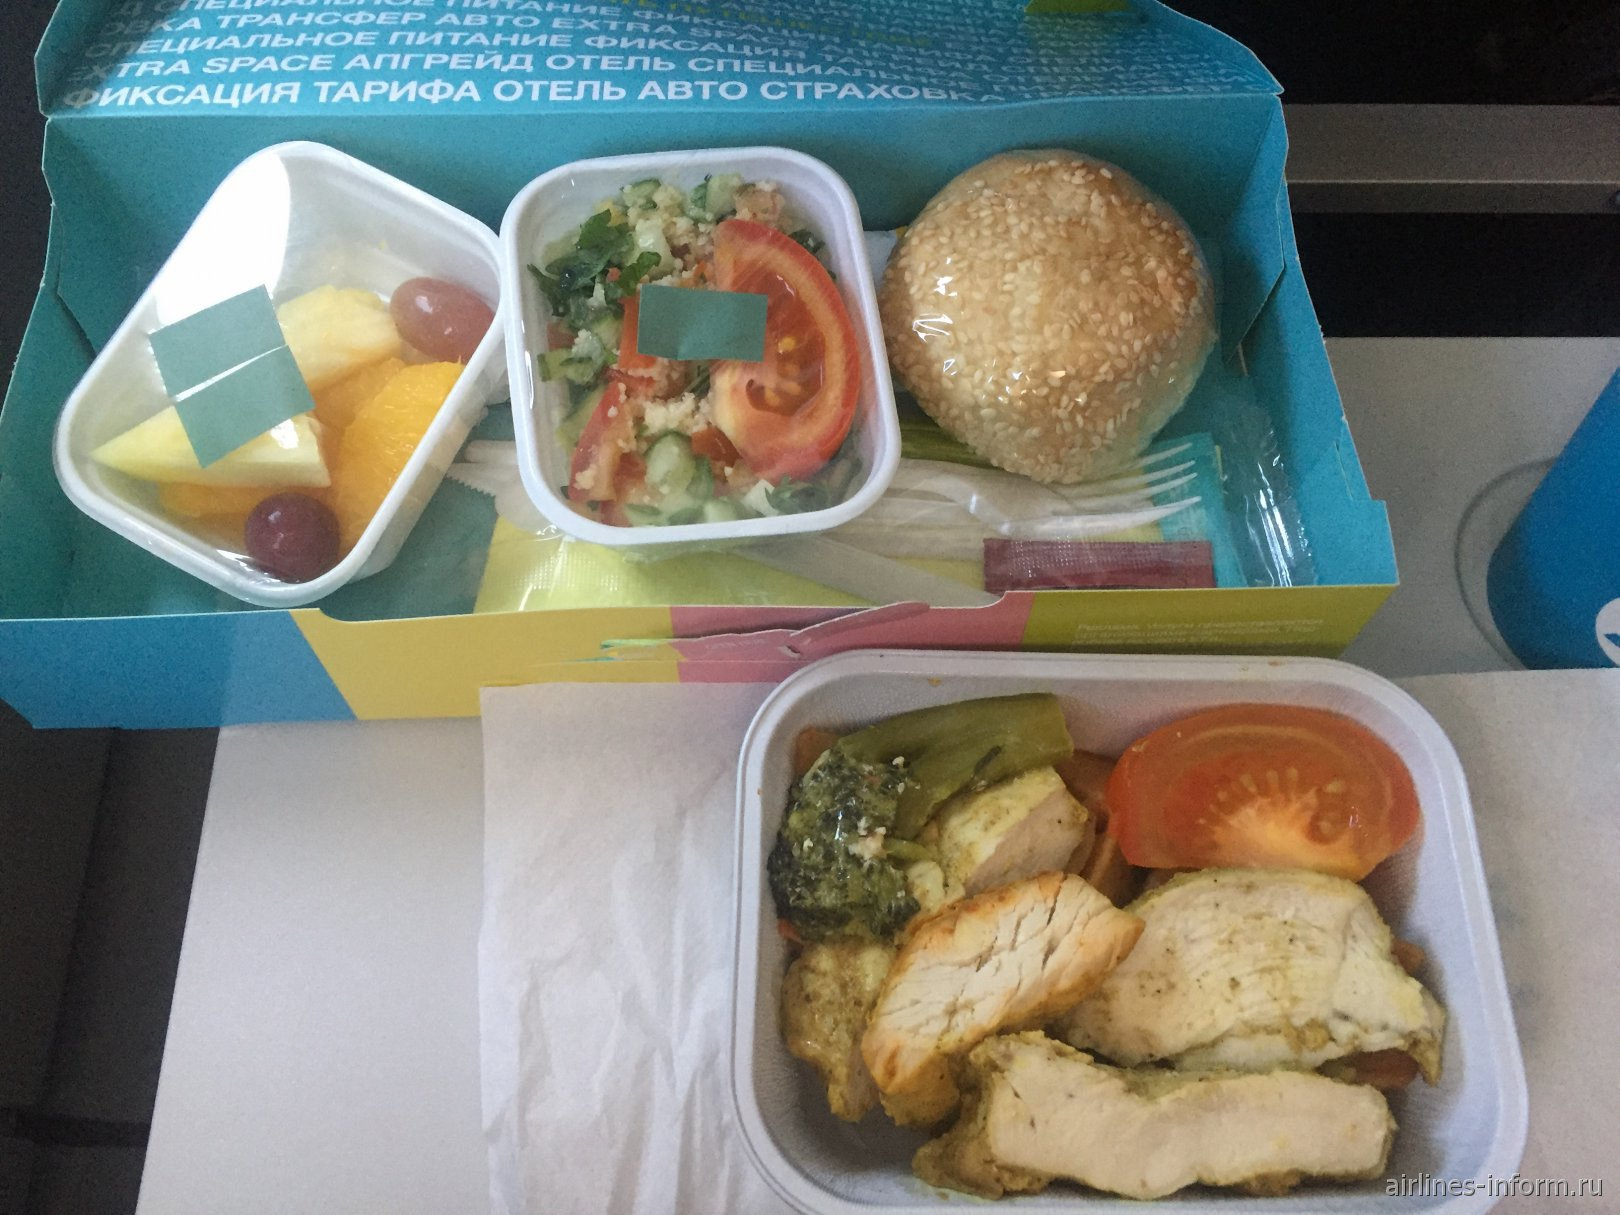 Бортовое питание на рейсе Новосибирск-Бангкок авиакомпании S7 Airlines